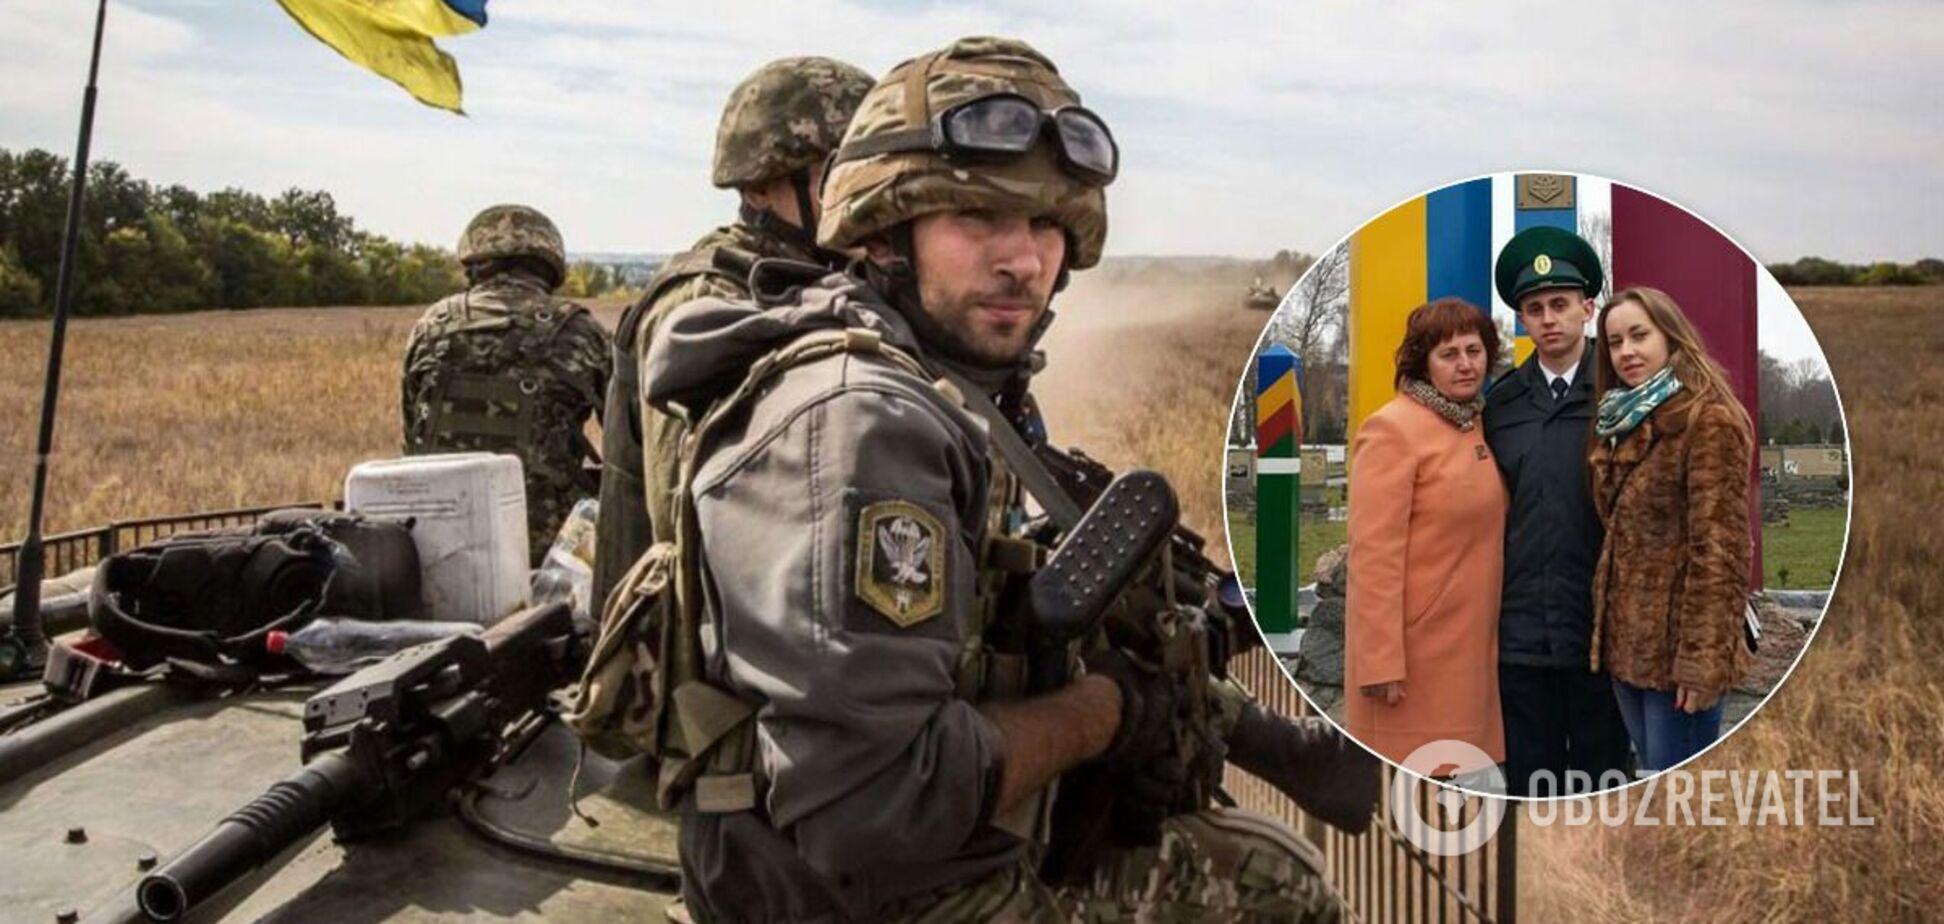 Український прикордонник образив ЗСУ, а потім перепросив